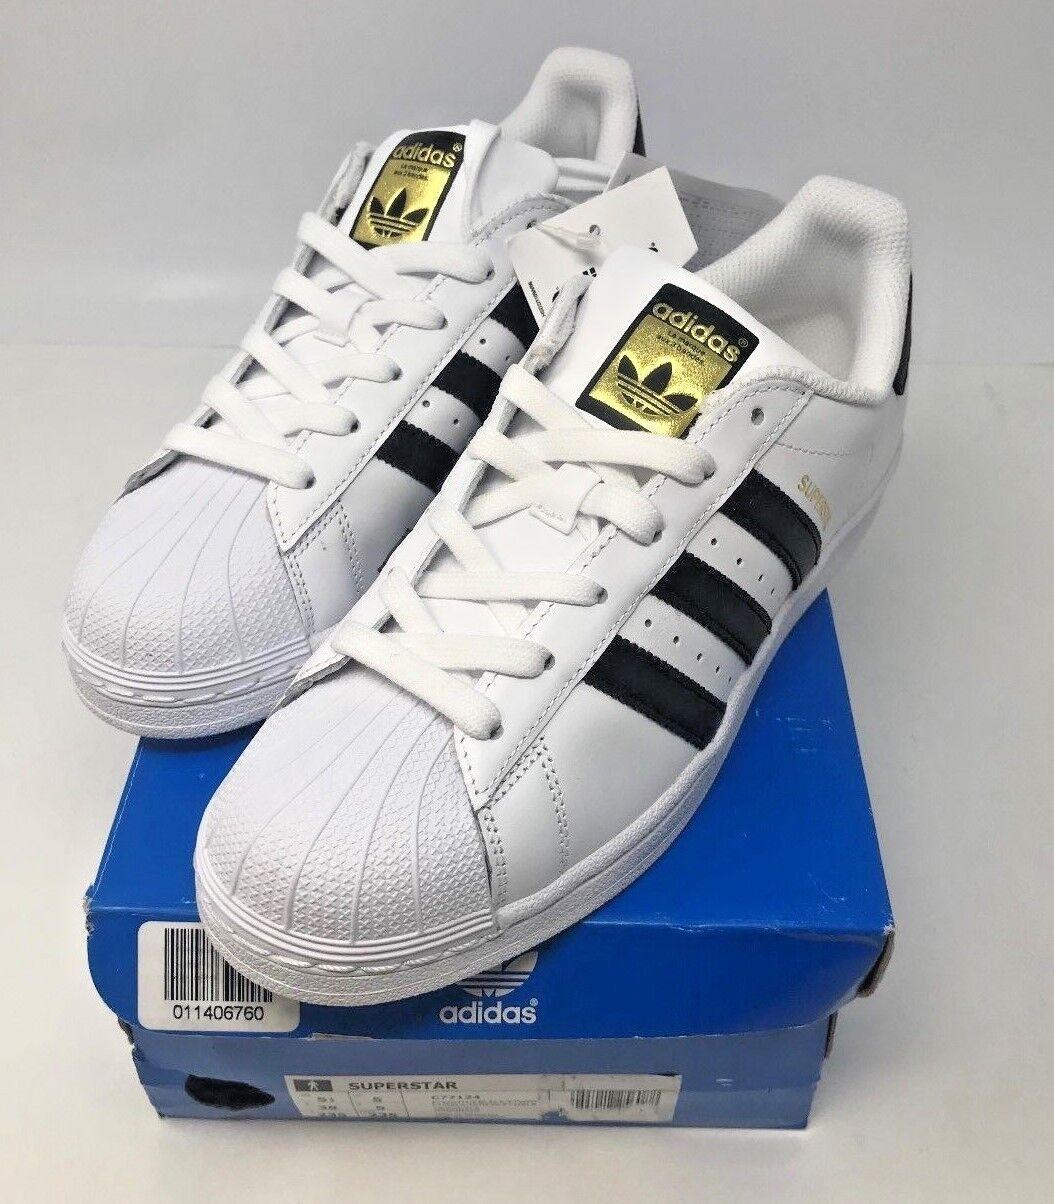 Hombres Originals adidas Originals Hombres Superstar Leather Trainers nosotros 5 - 1 / 2 nuevo con caja free shipp 6911b6